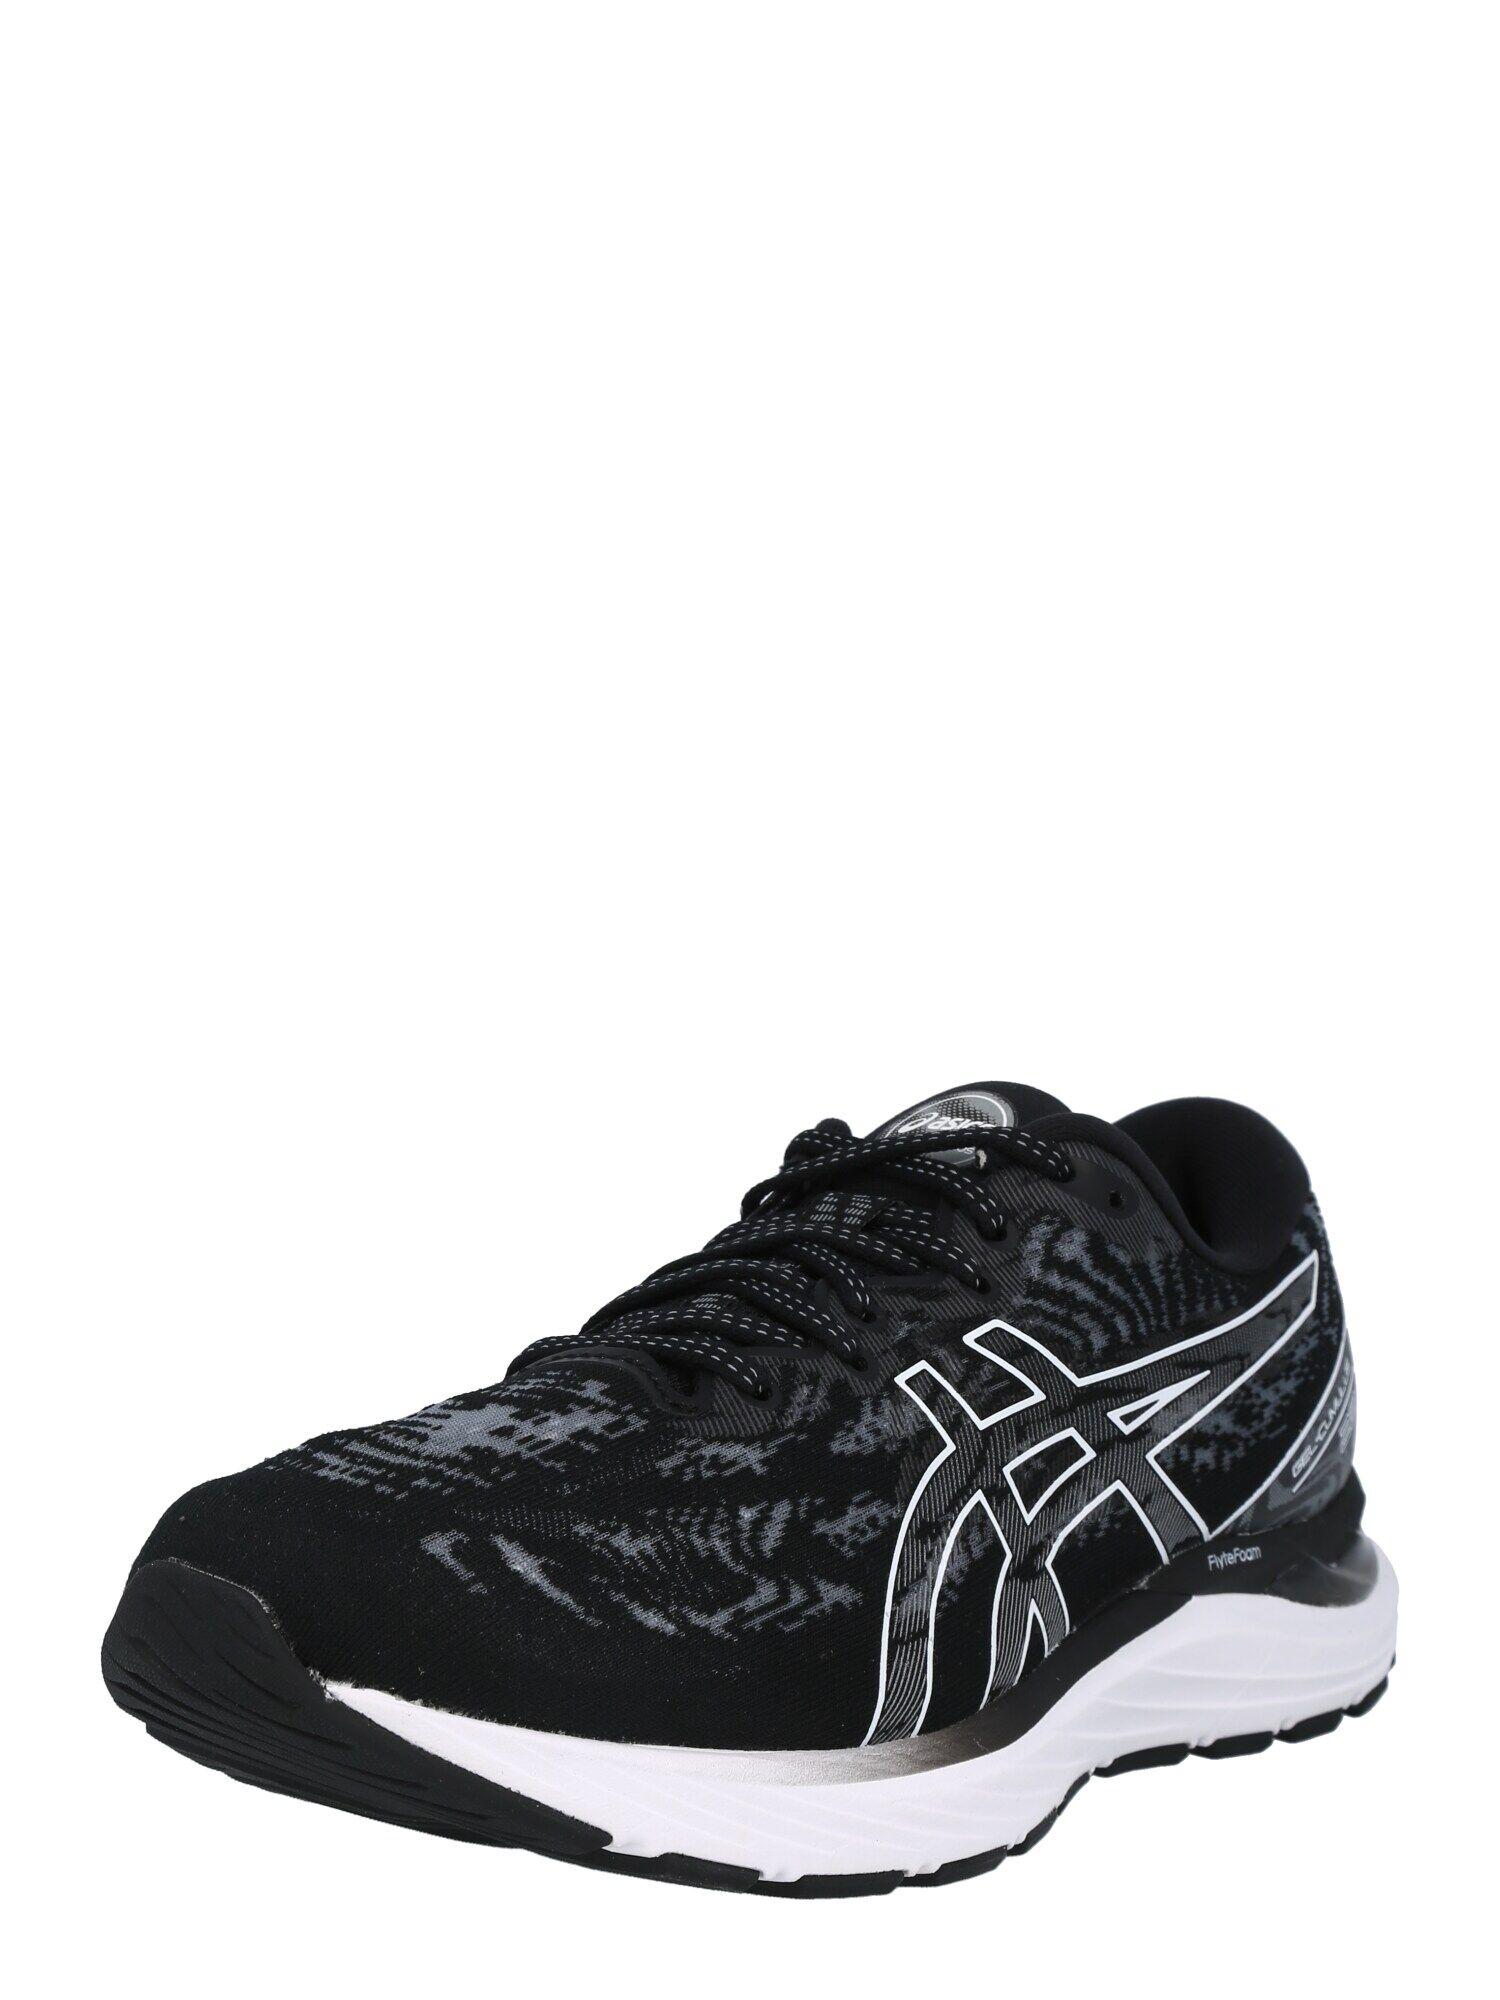 Asics Chaussure de course  - Noir - Taille: 47 - male